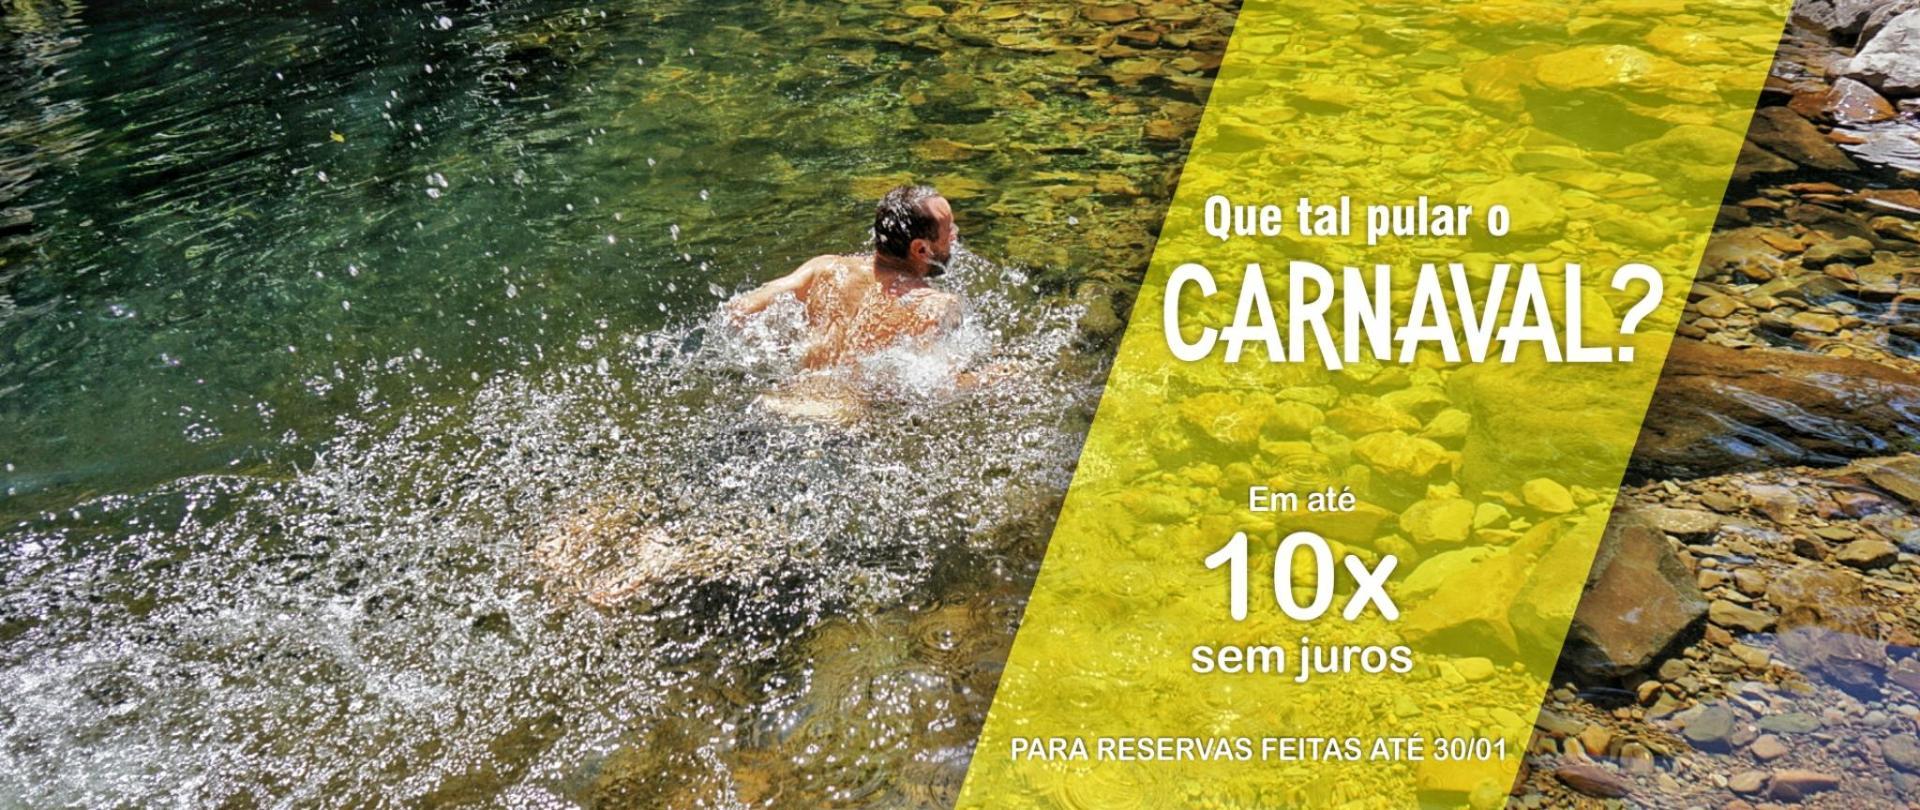 Banner carnaval 03.jpg